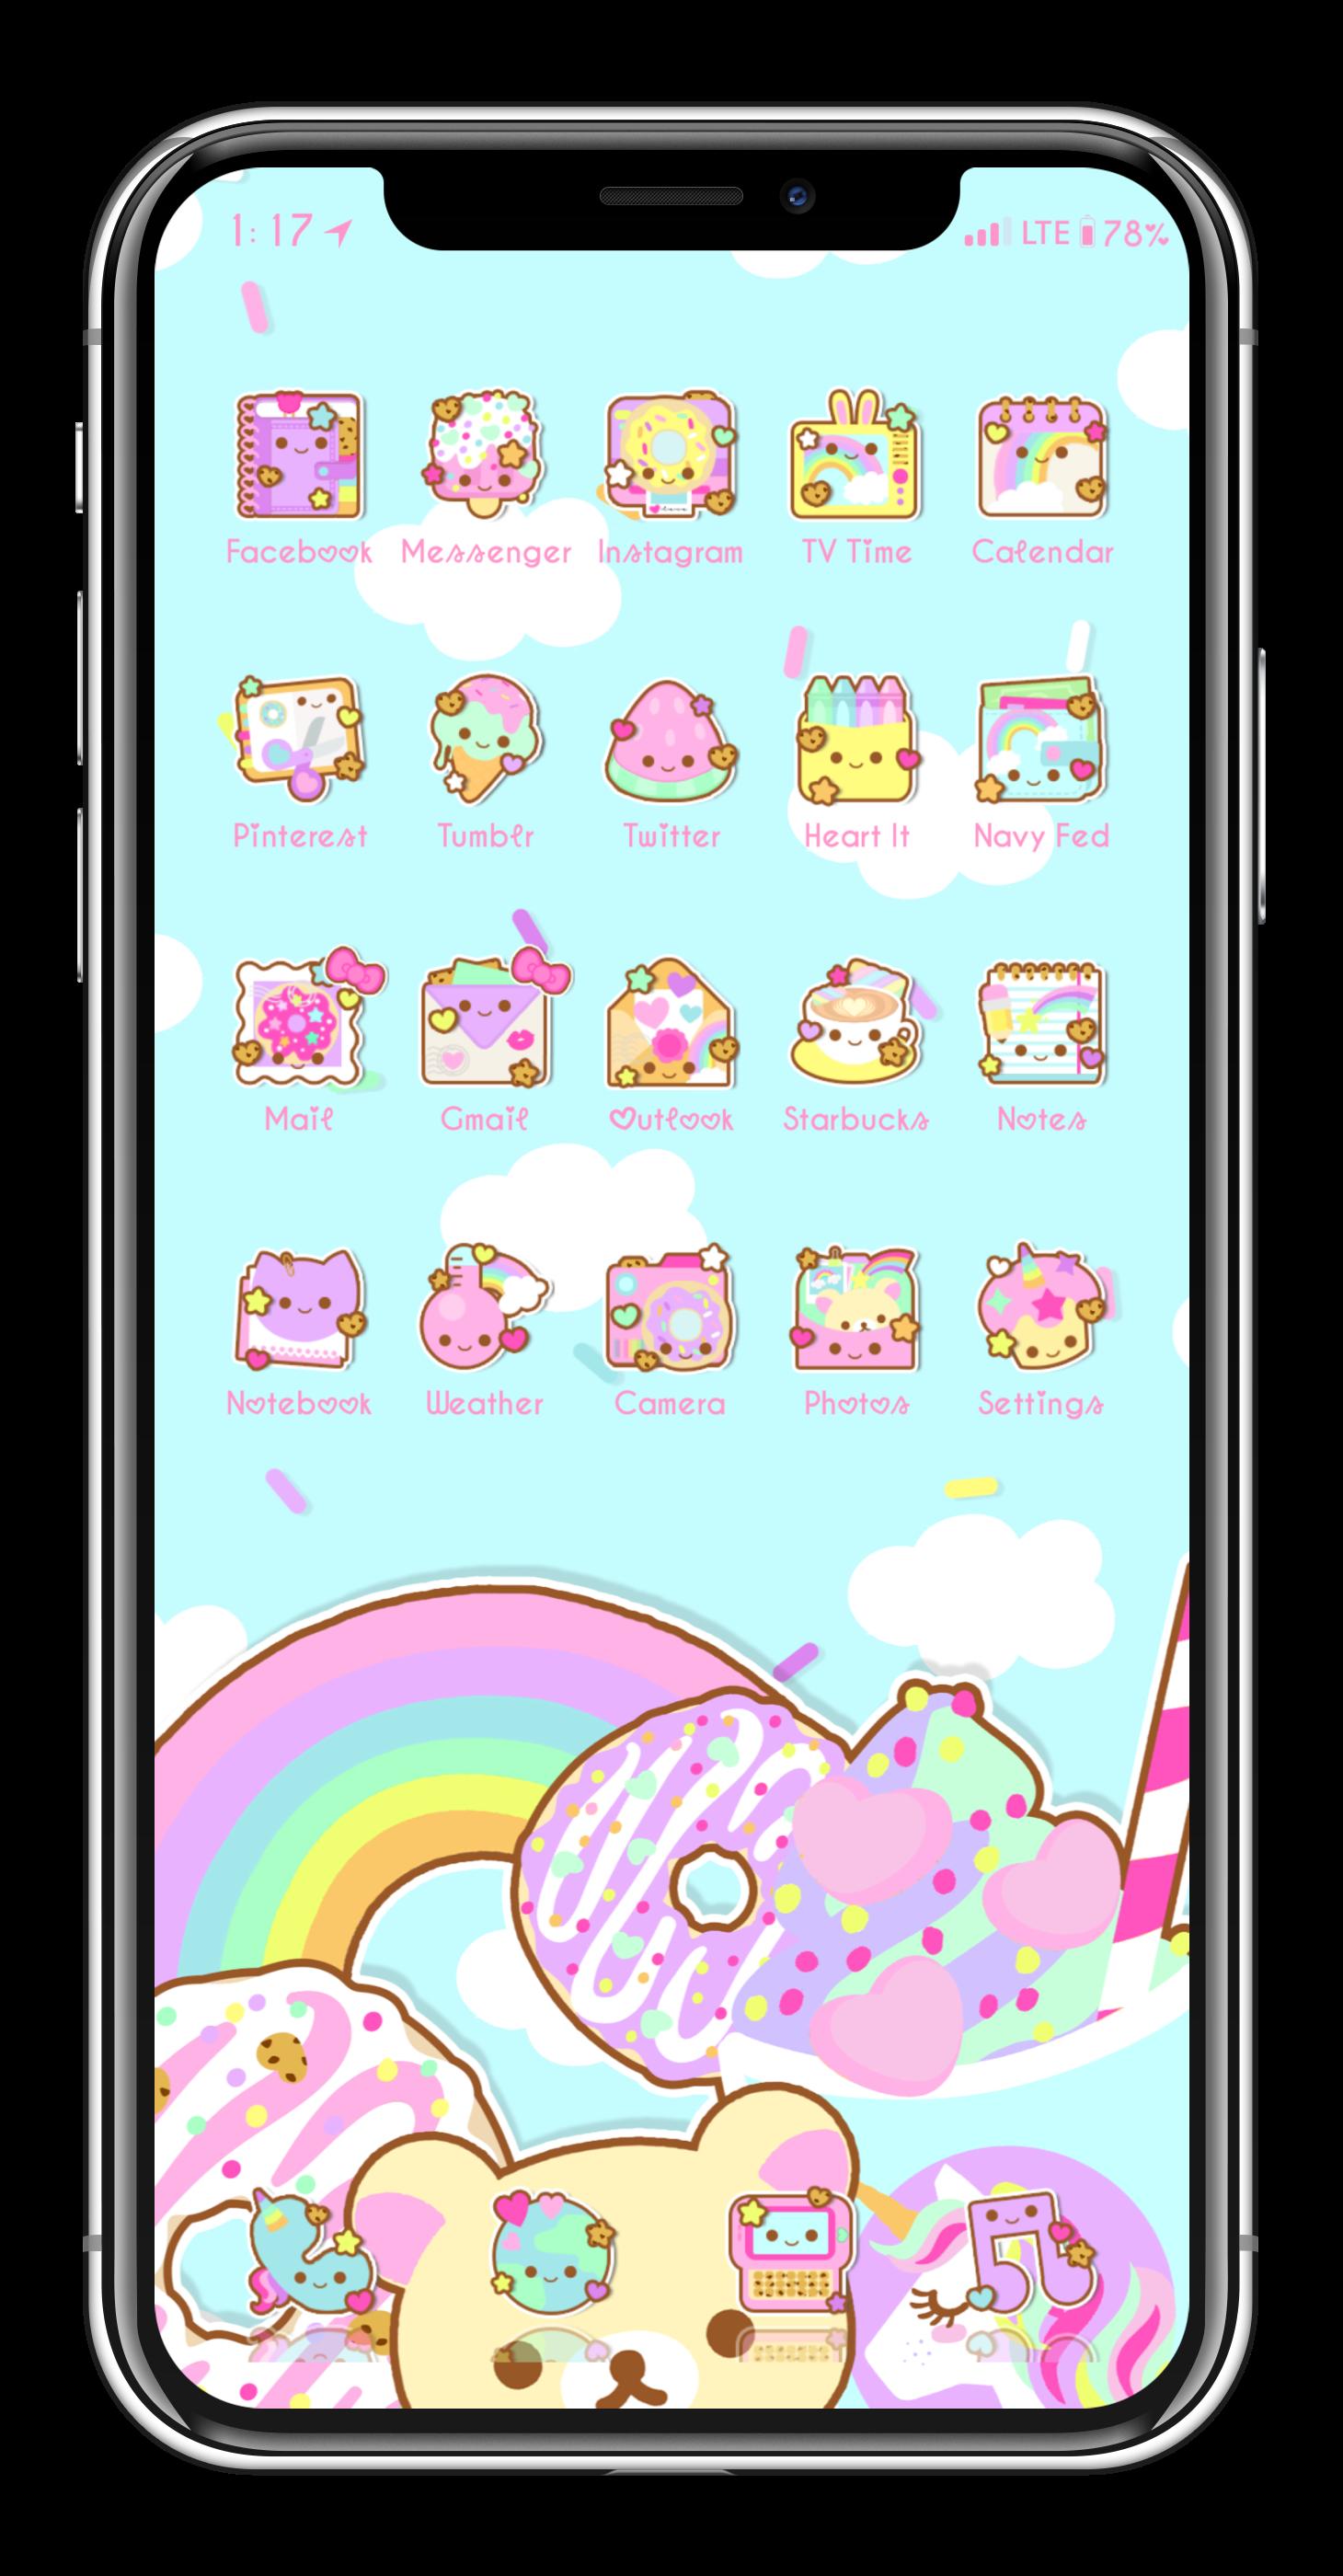 Iphone X Screen Running On Ios 11 4 Beta 3 Jailbreak Phone Themes Aesthetic Iphone Wallpaper Cute Kawaii Drawings